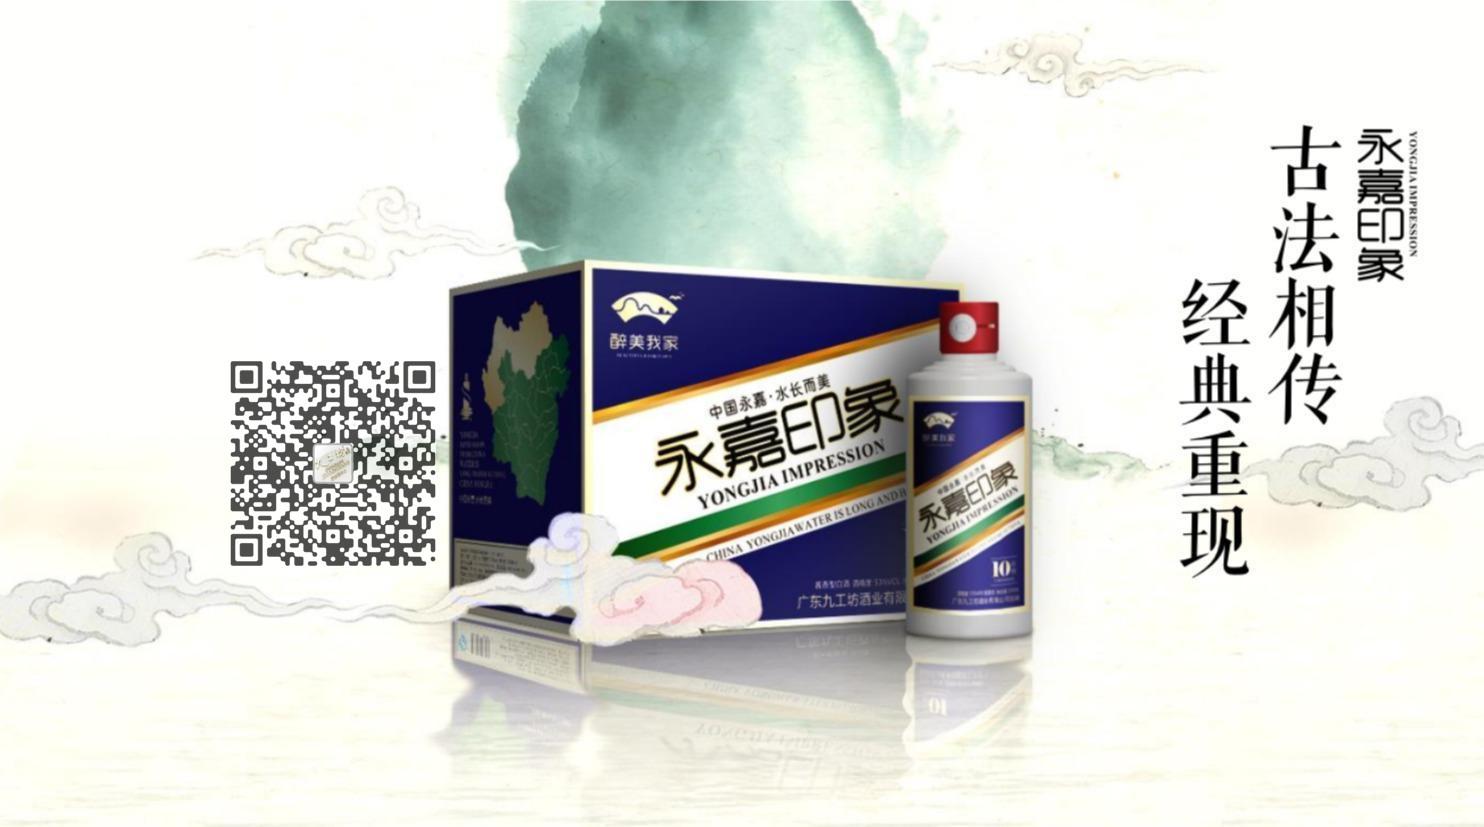 廣州企業顁制酒服務